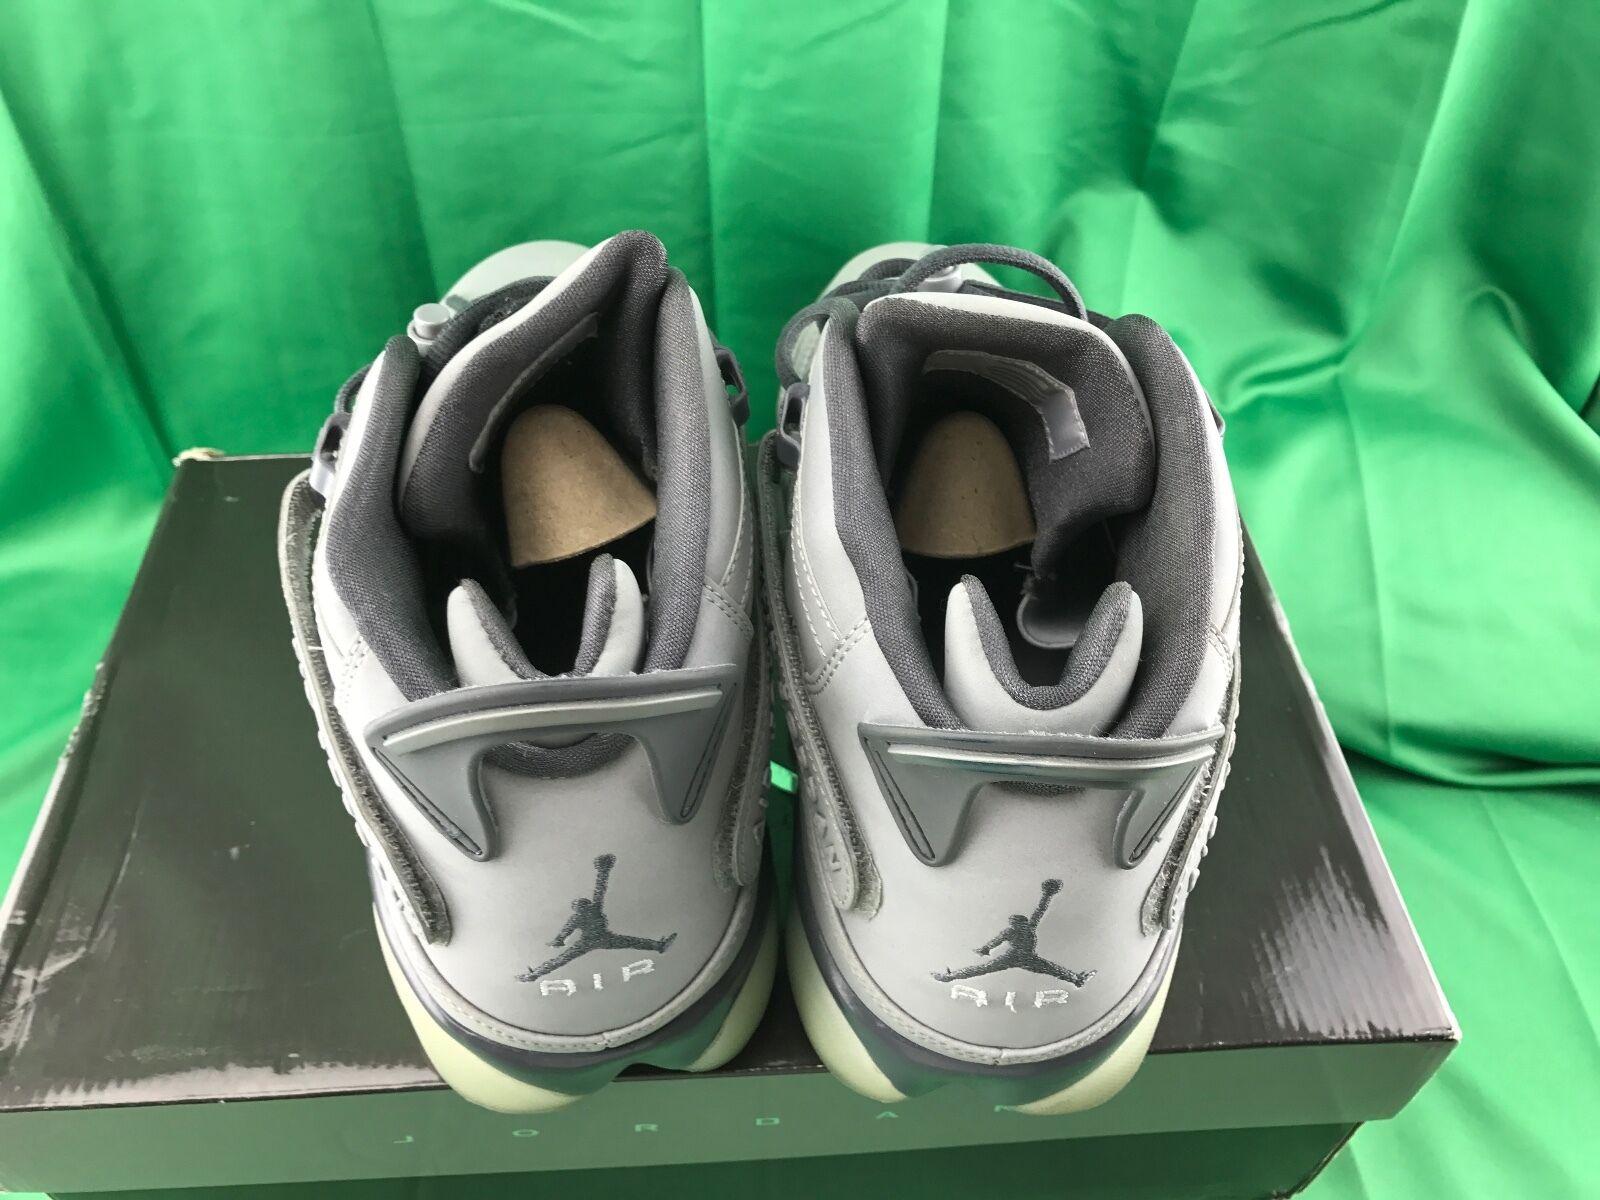 a706111fa45c 2010 2010 2010 Nike Air Jordan 6 Rings 322992-001 c66e9d - work ...